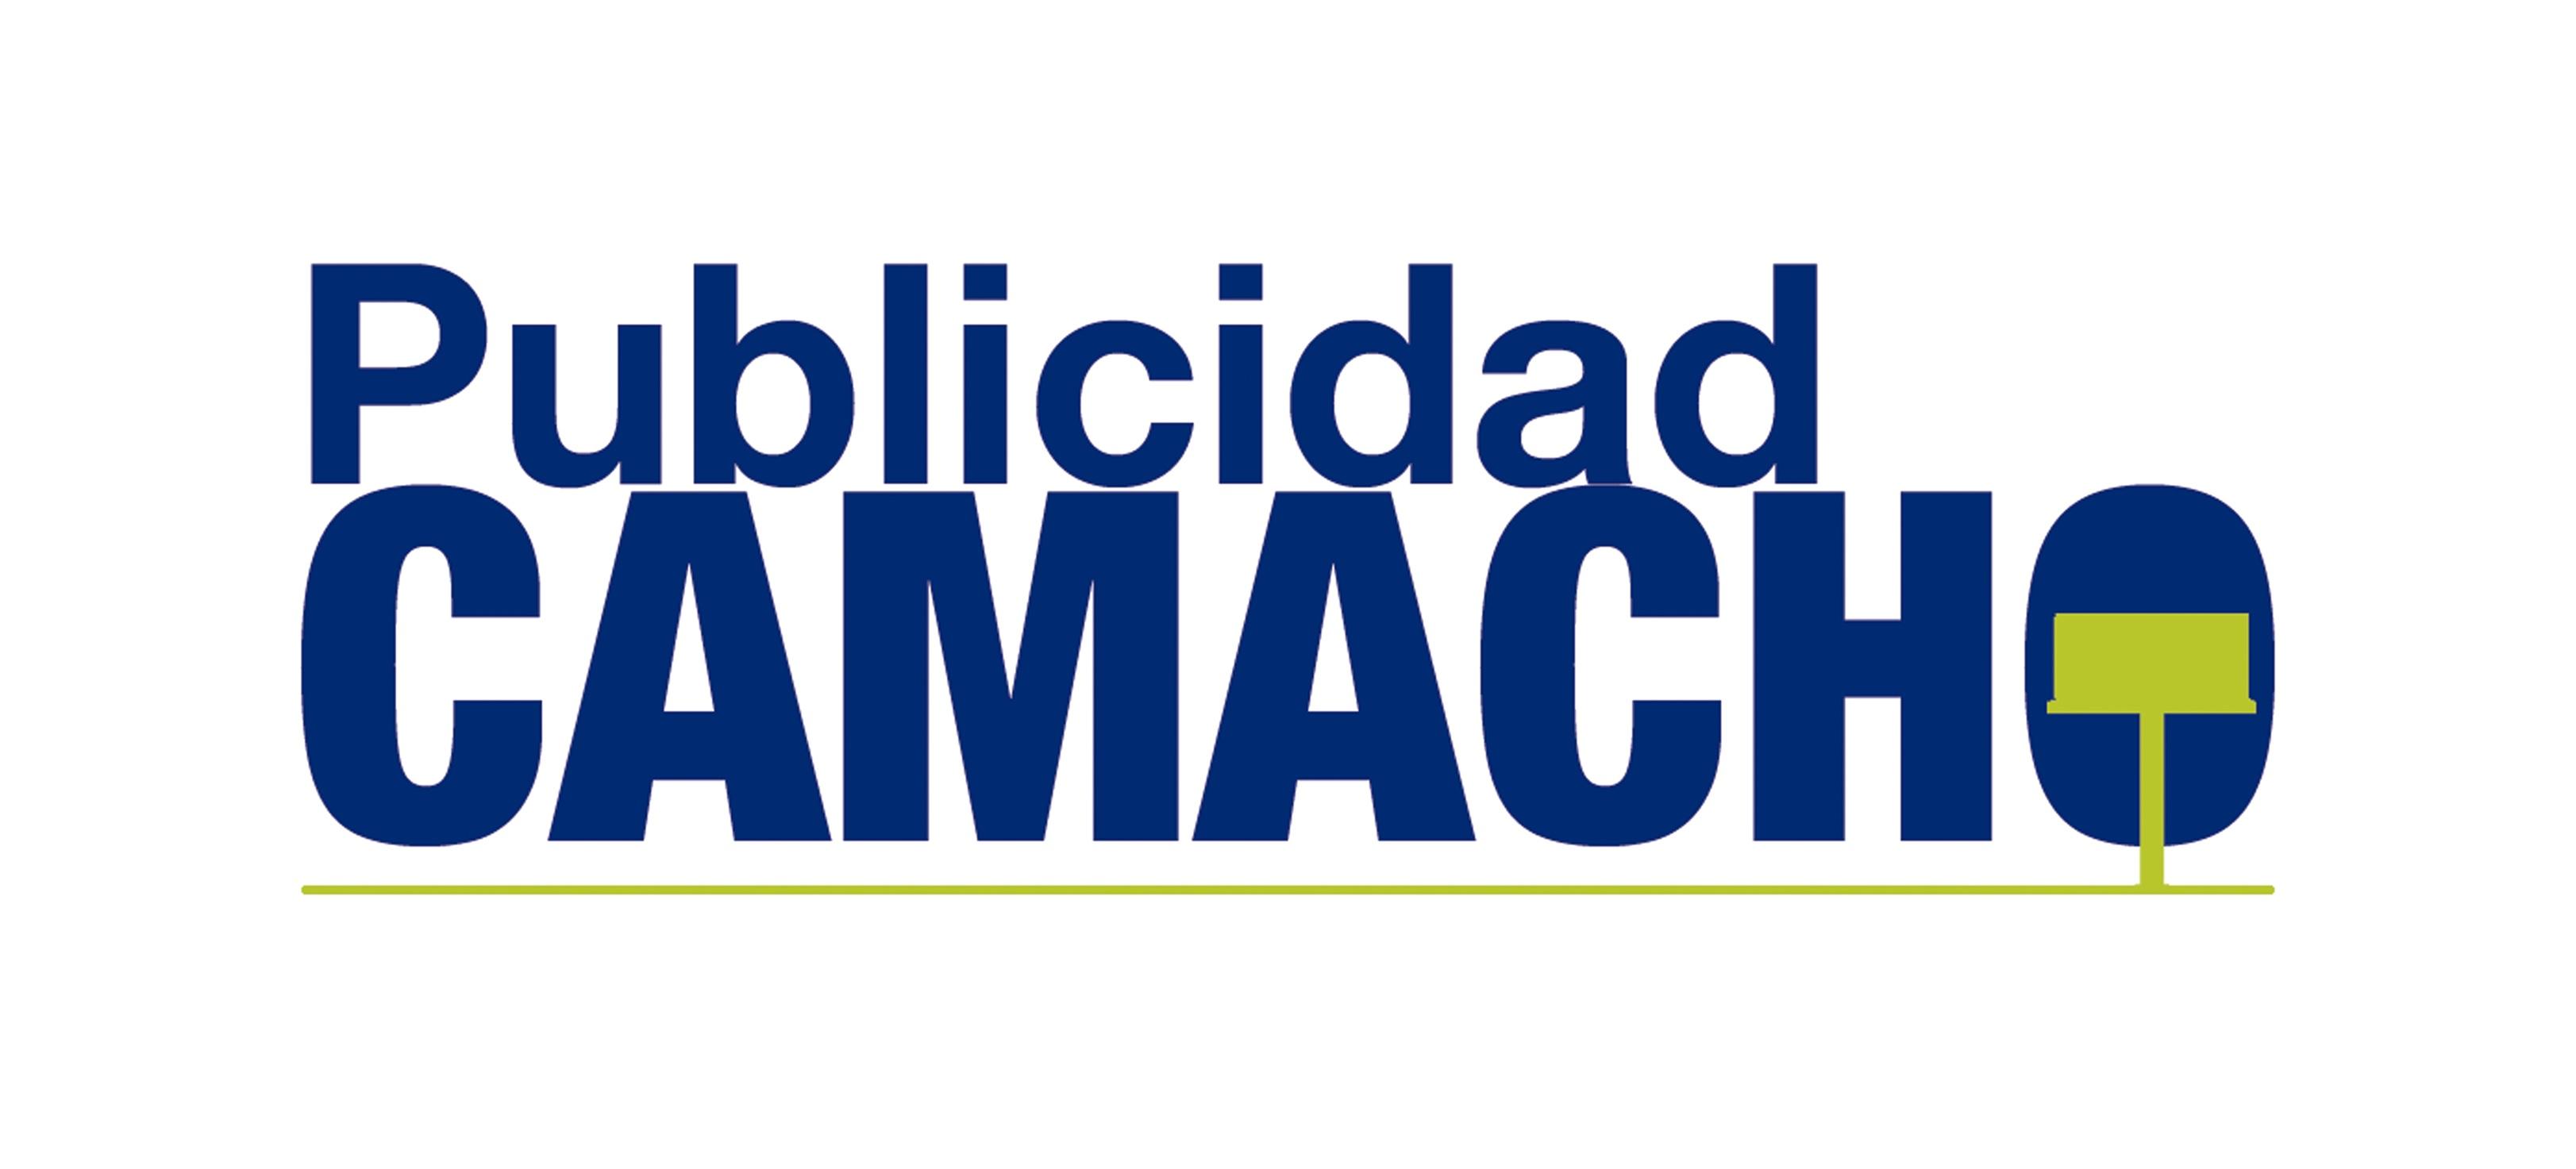 Publicidad Camacho